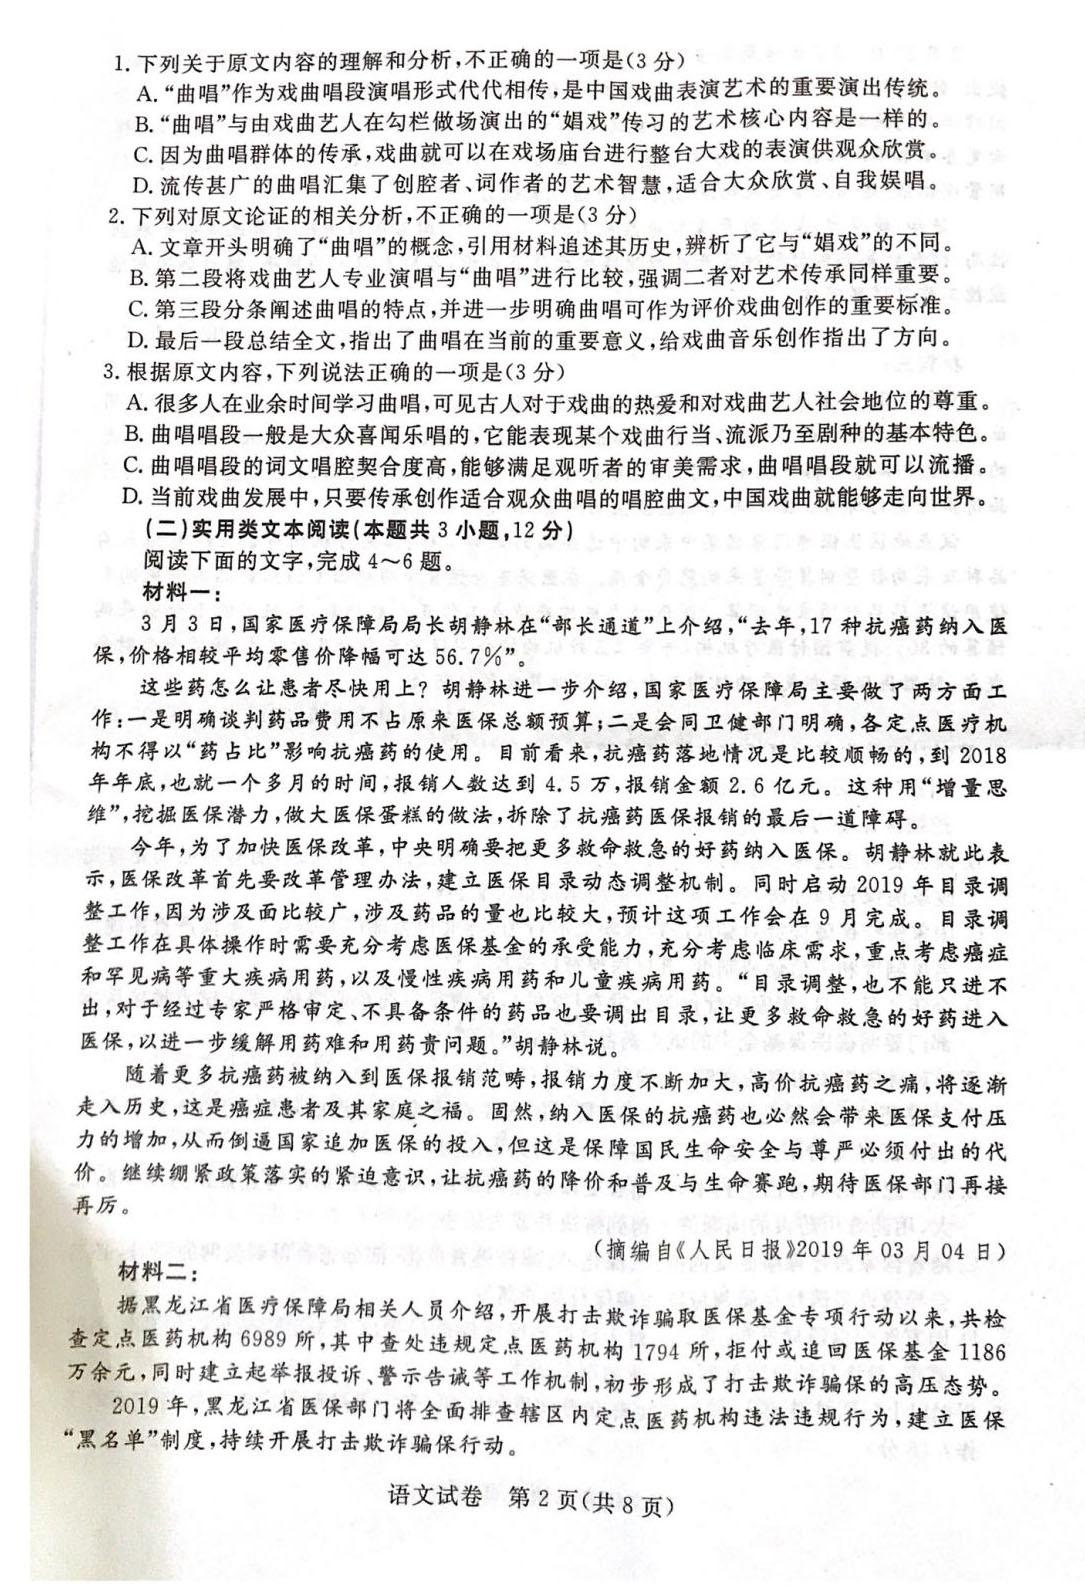 2019汕尾三模高三语文试题答案解析